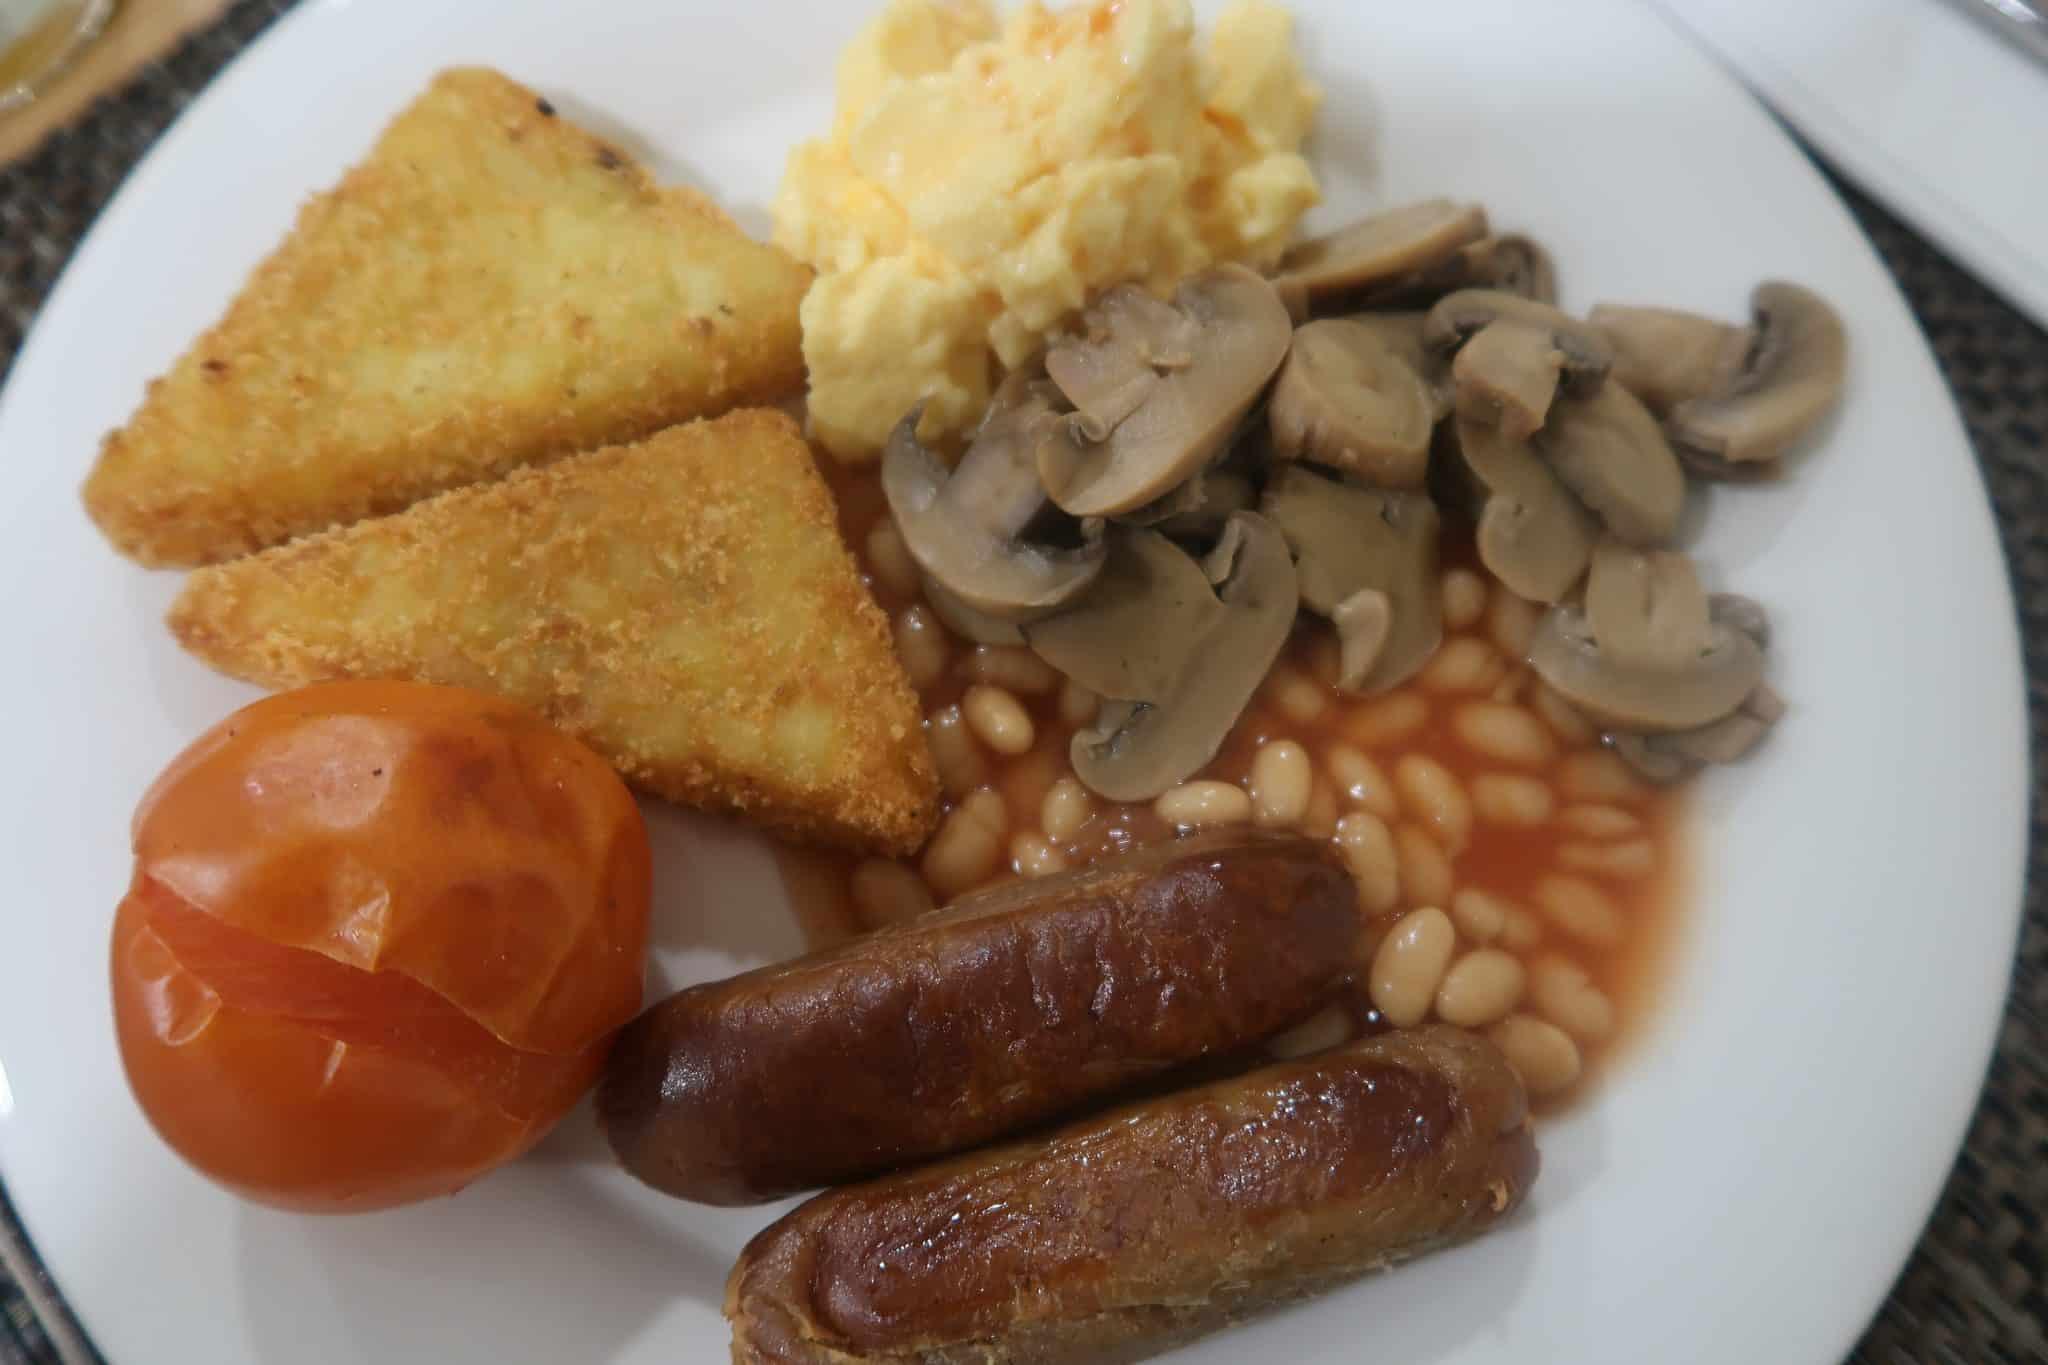 All inclusive breakfast